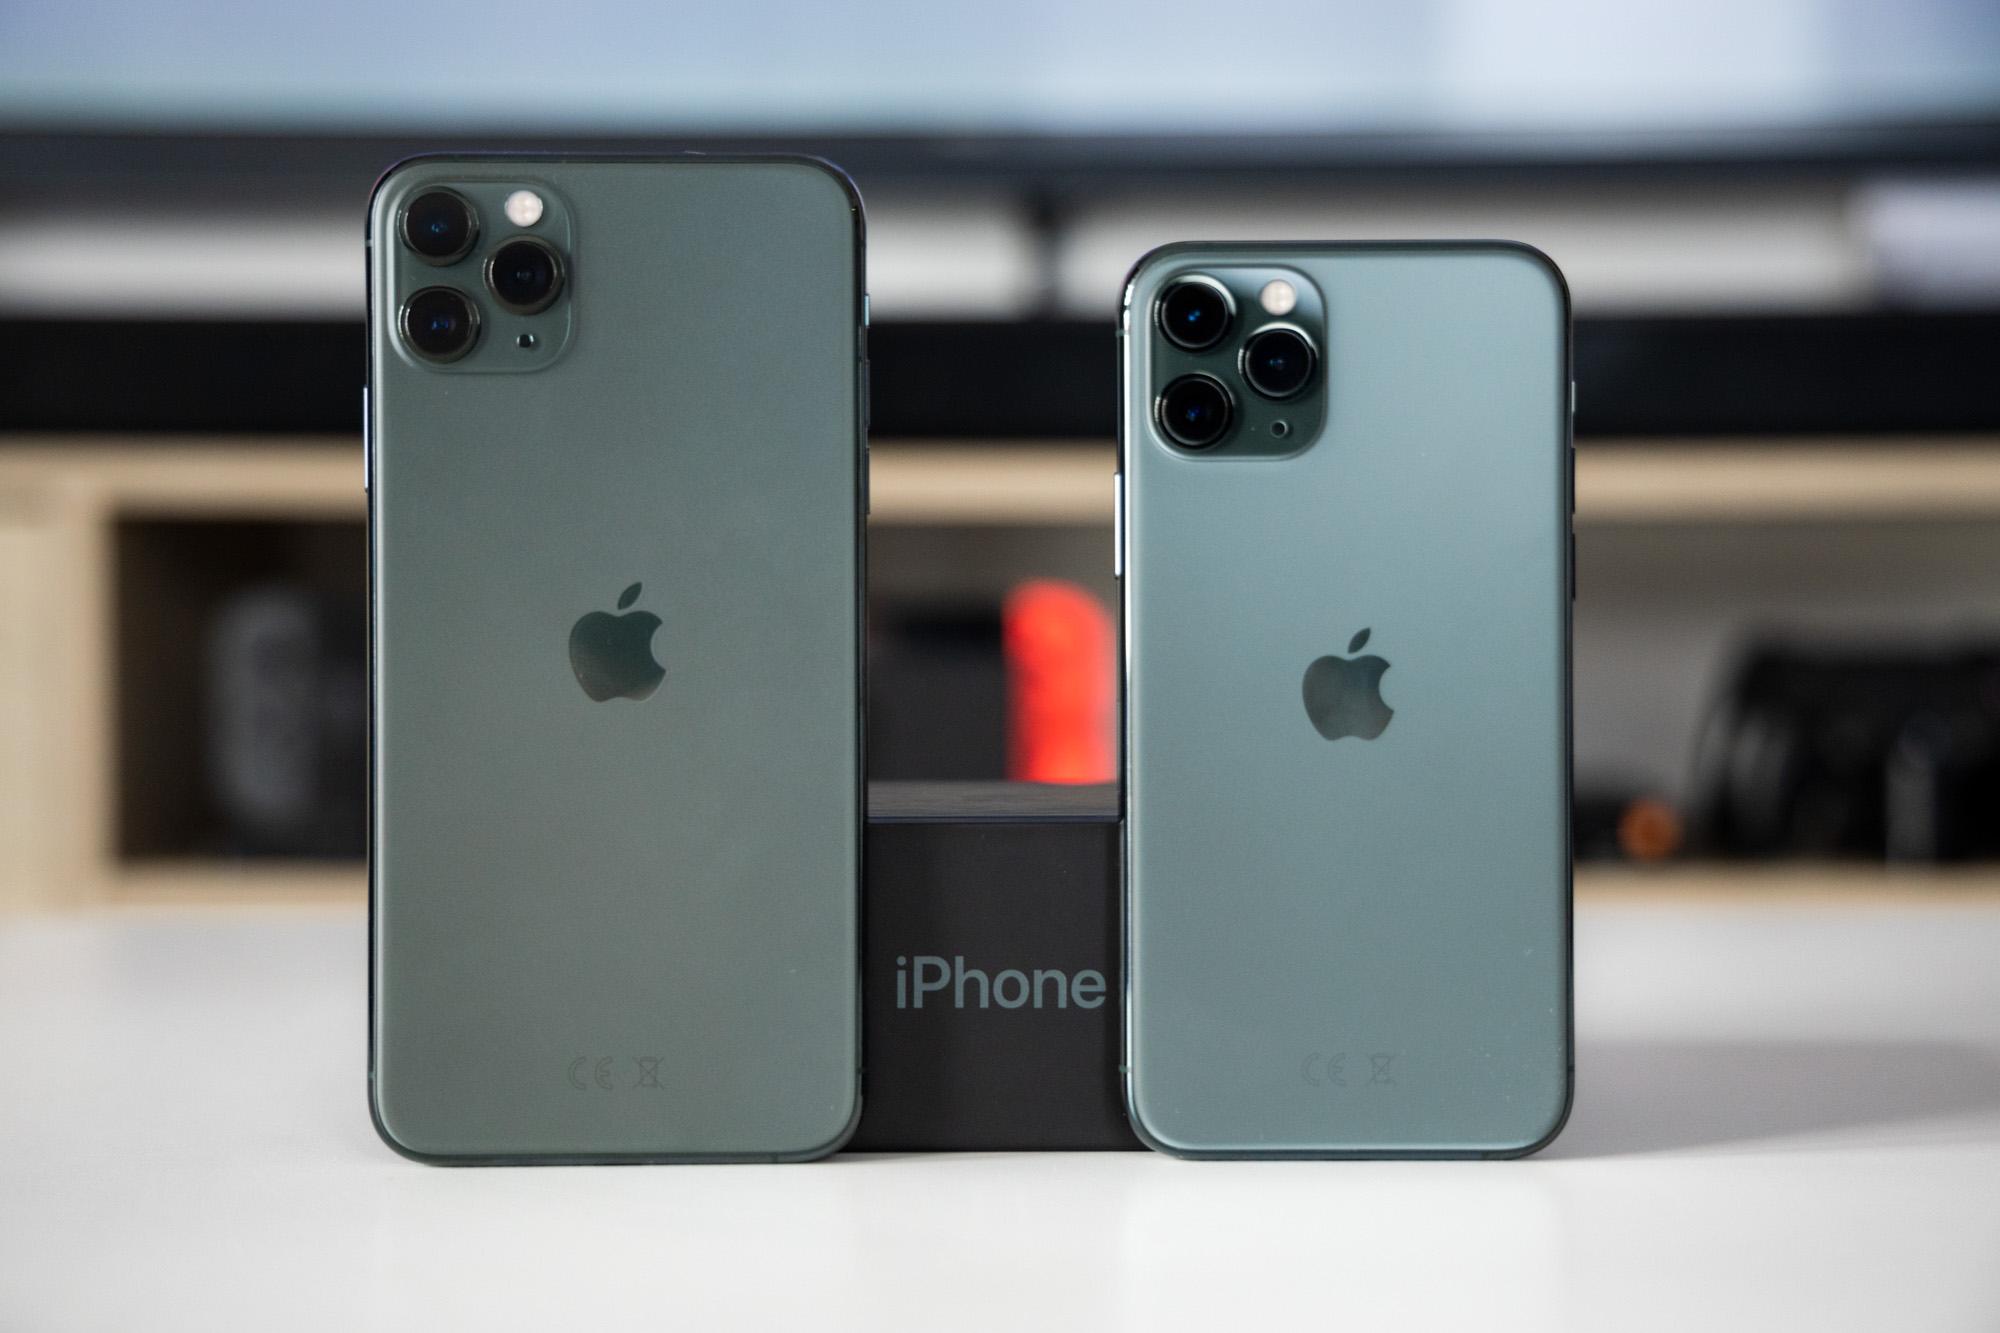 Badaude iPhone 11 Pro Max erostea justifikatzen duen gauza bat